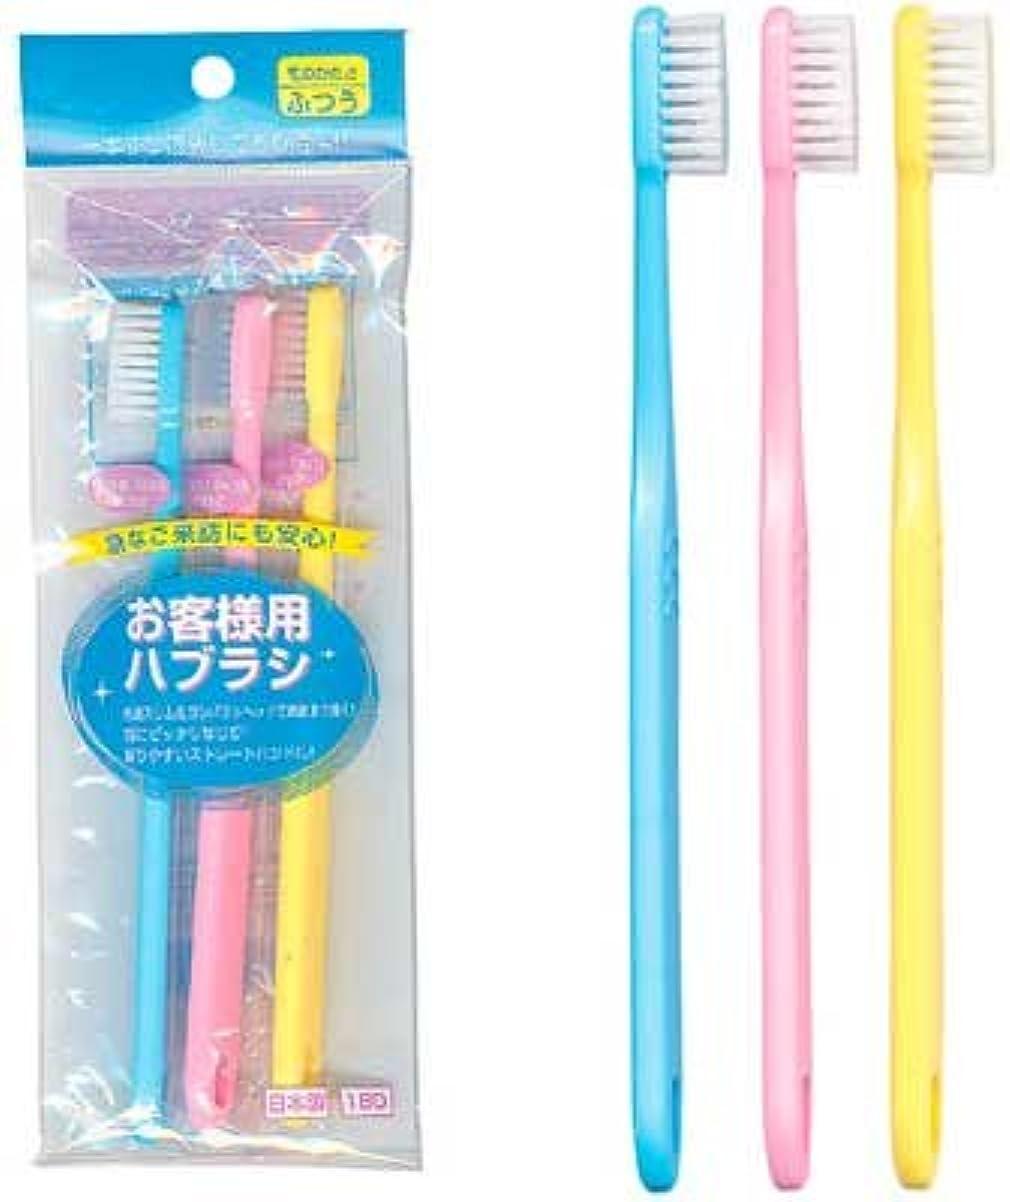 磁気アサートドリルお客様用歯ブラシ(3P) 【まとめ買い12個セット】 41-006